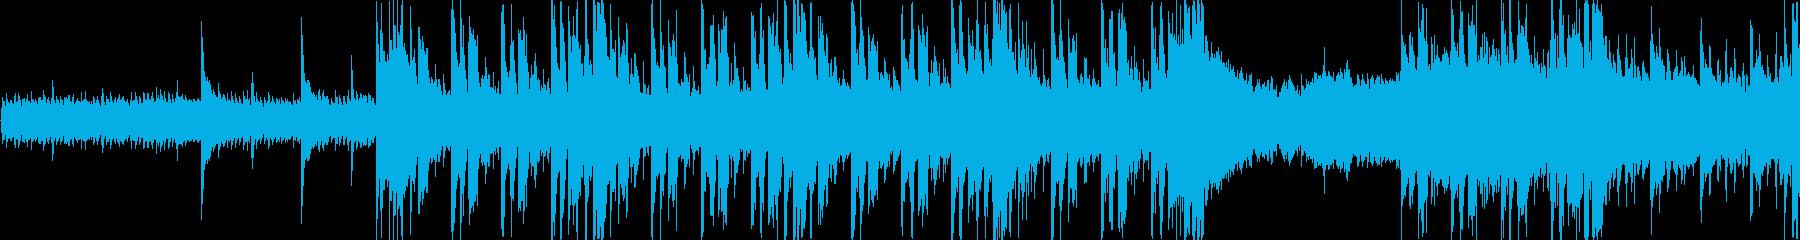 和風ループ音源【-12dBFS】の再生済みの波形